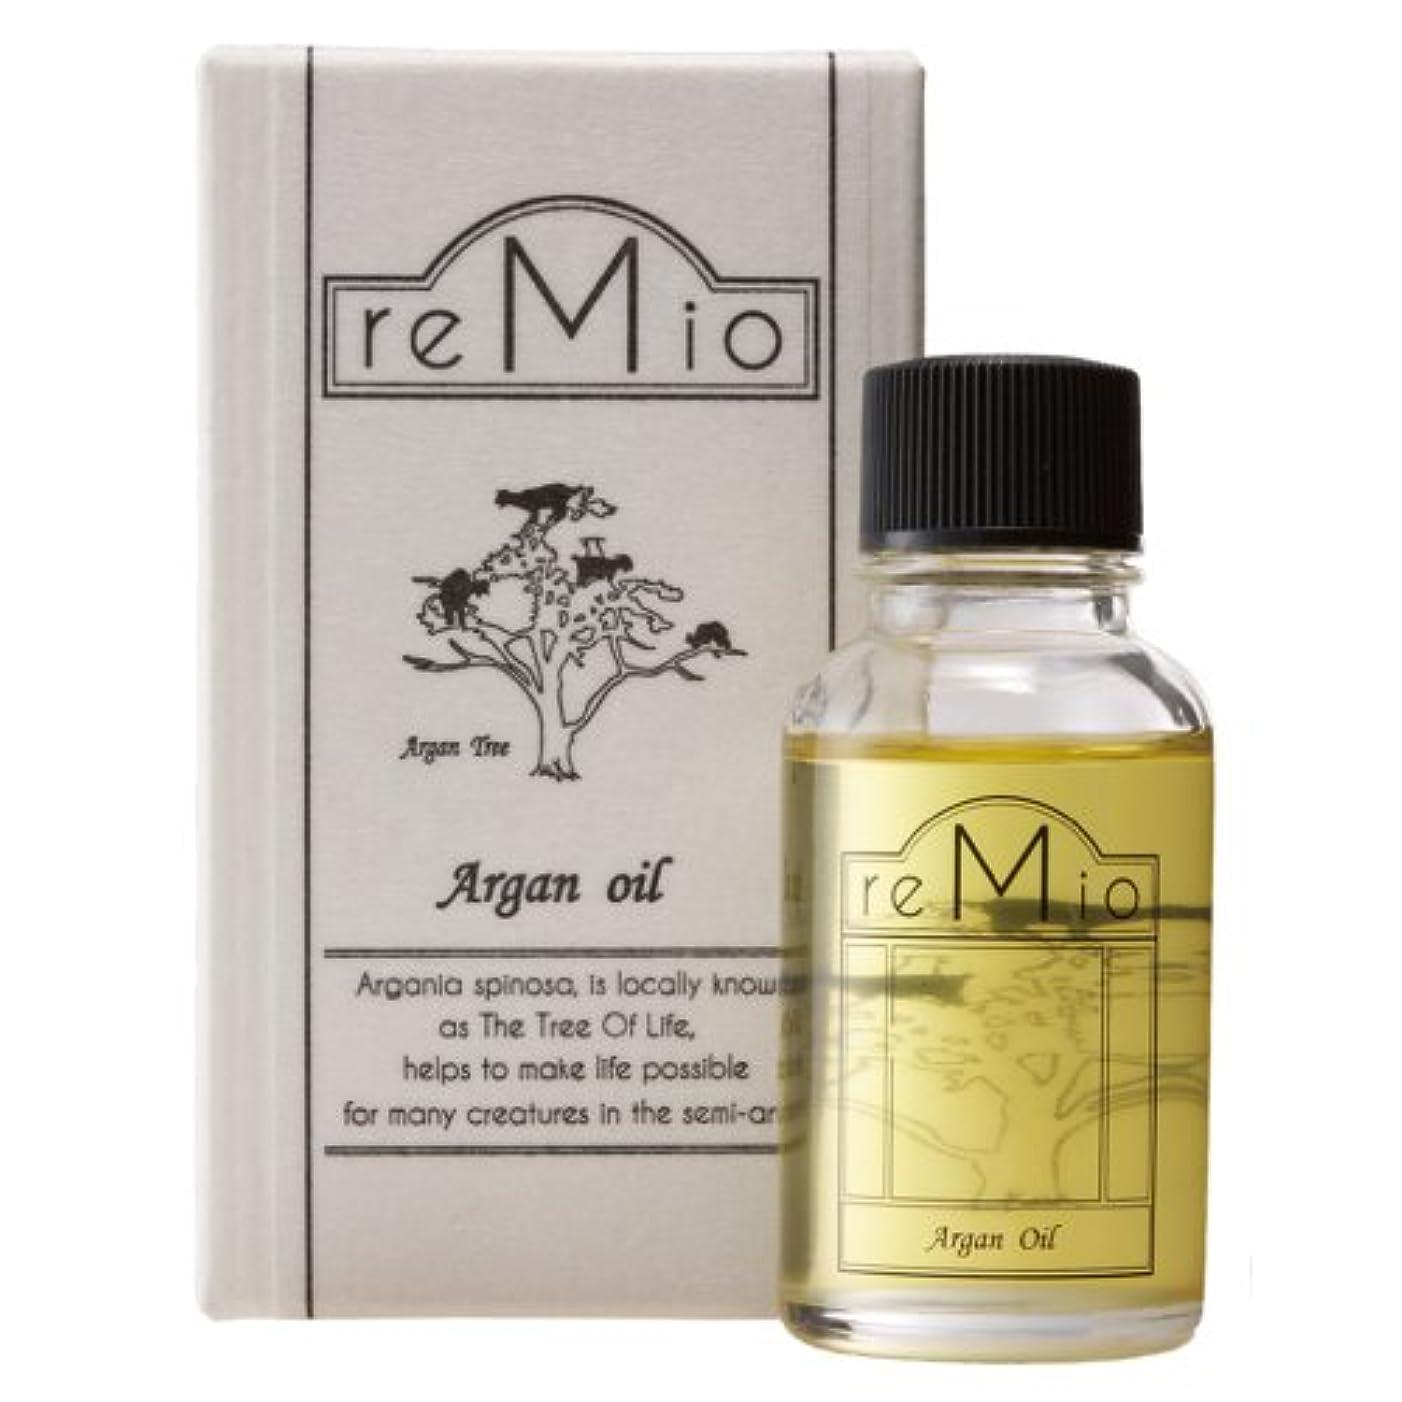 フレッシュ超越する利点レミオ(REMIO) オーガニックアルガンオイル